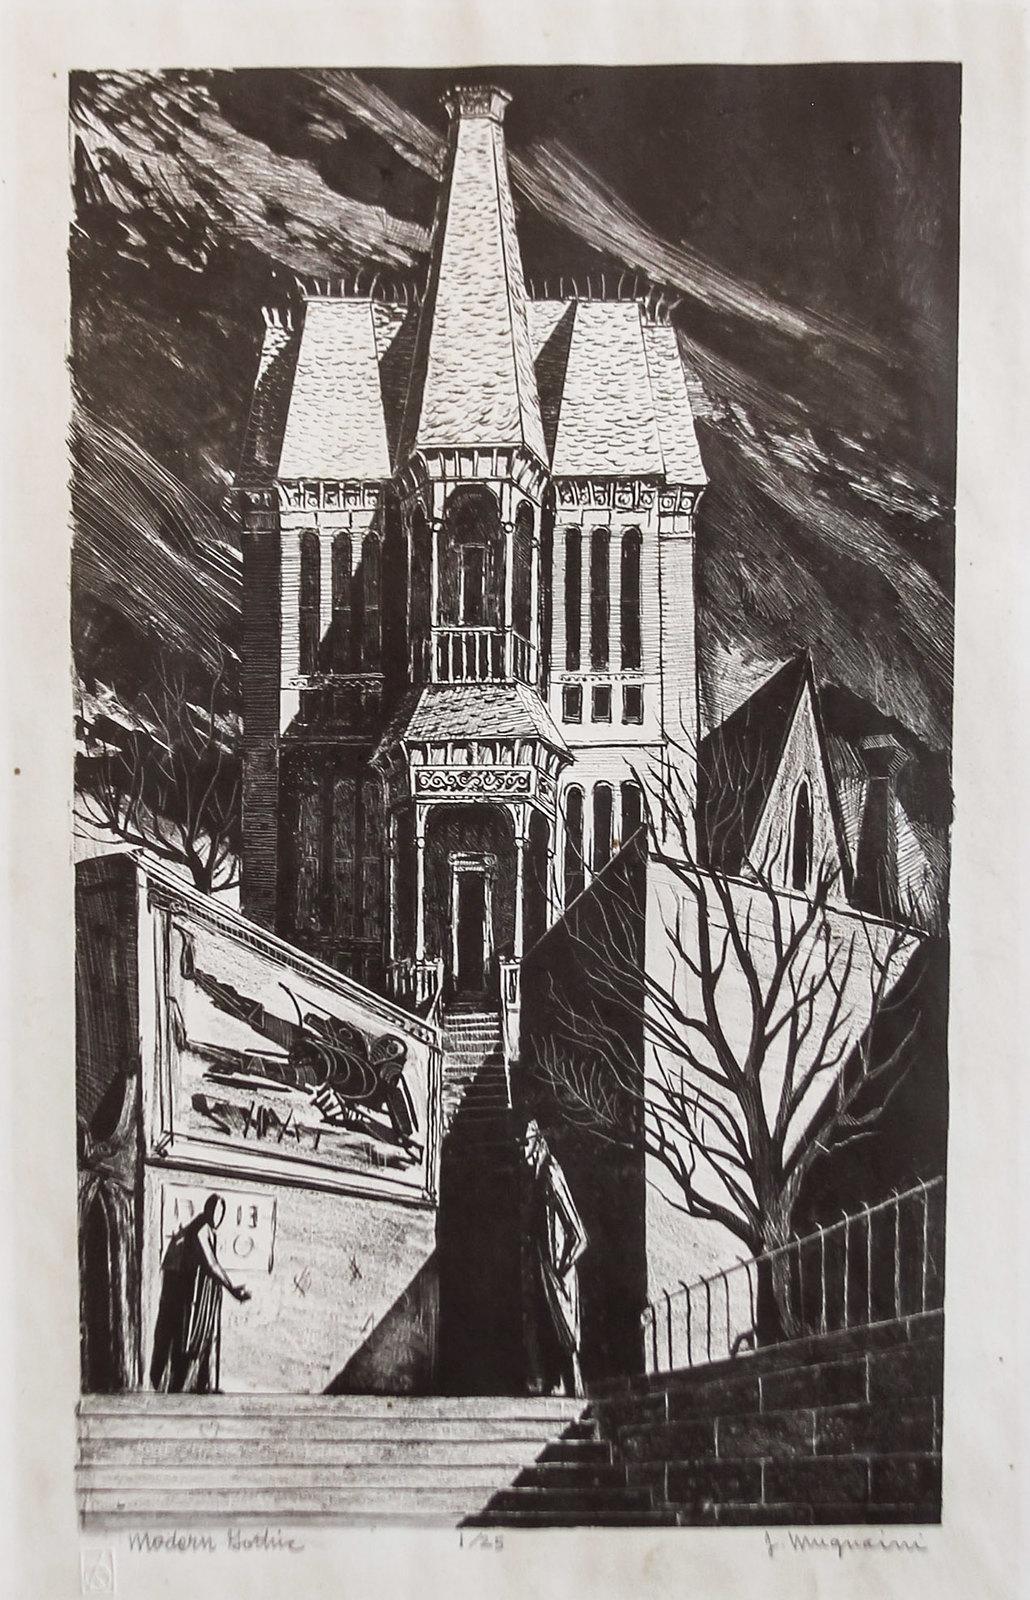 Joseph Mugnaini - Modern Gothic, 1952,  print